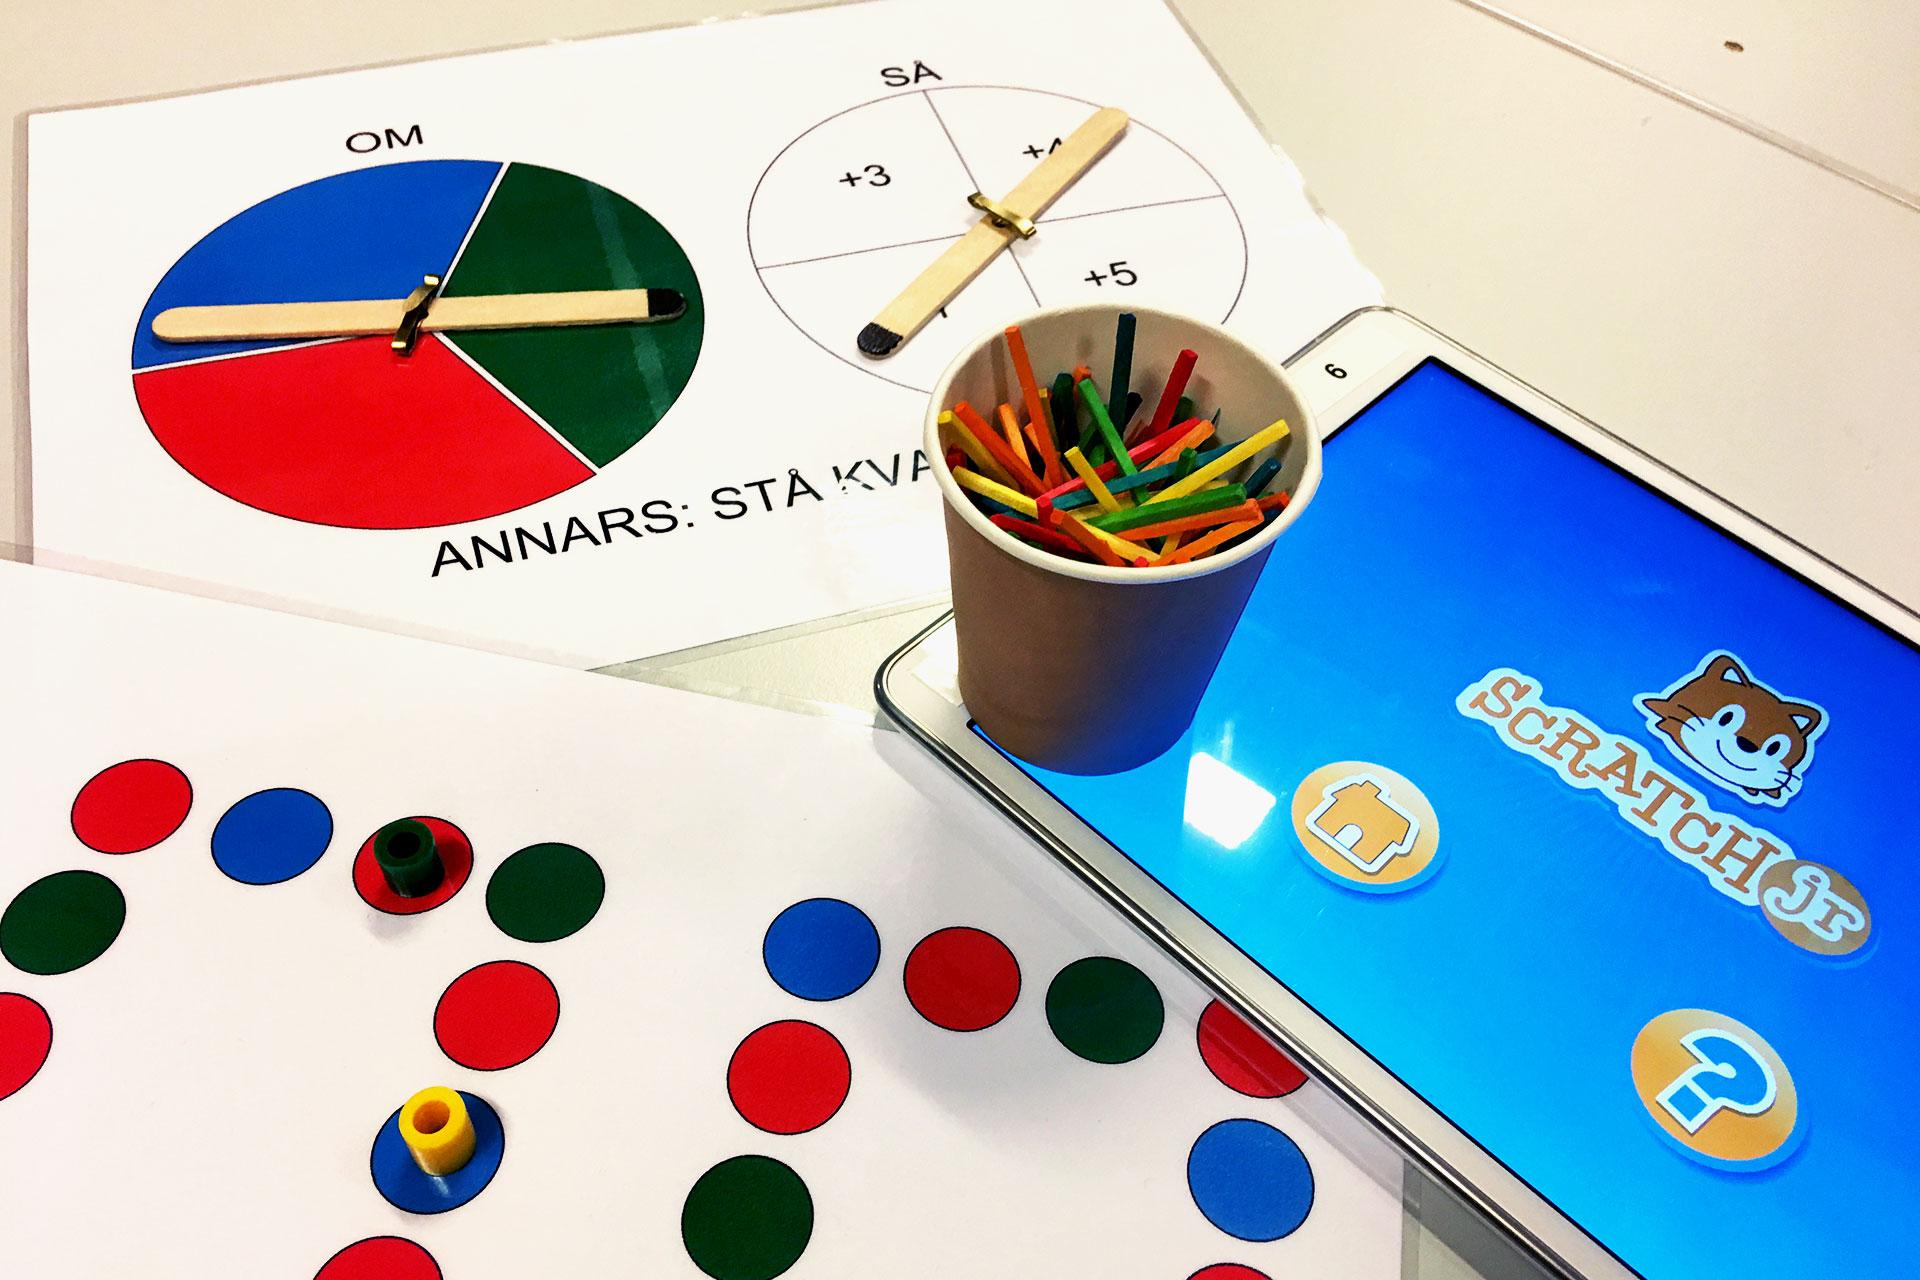 Lär dig programmera på familjeaktiviteten familjeprogrammering hos expectrum i Västerås. Fotograf: Expectrum